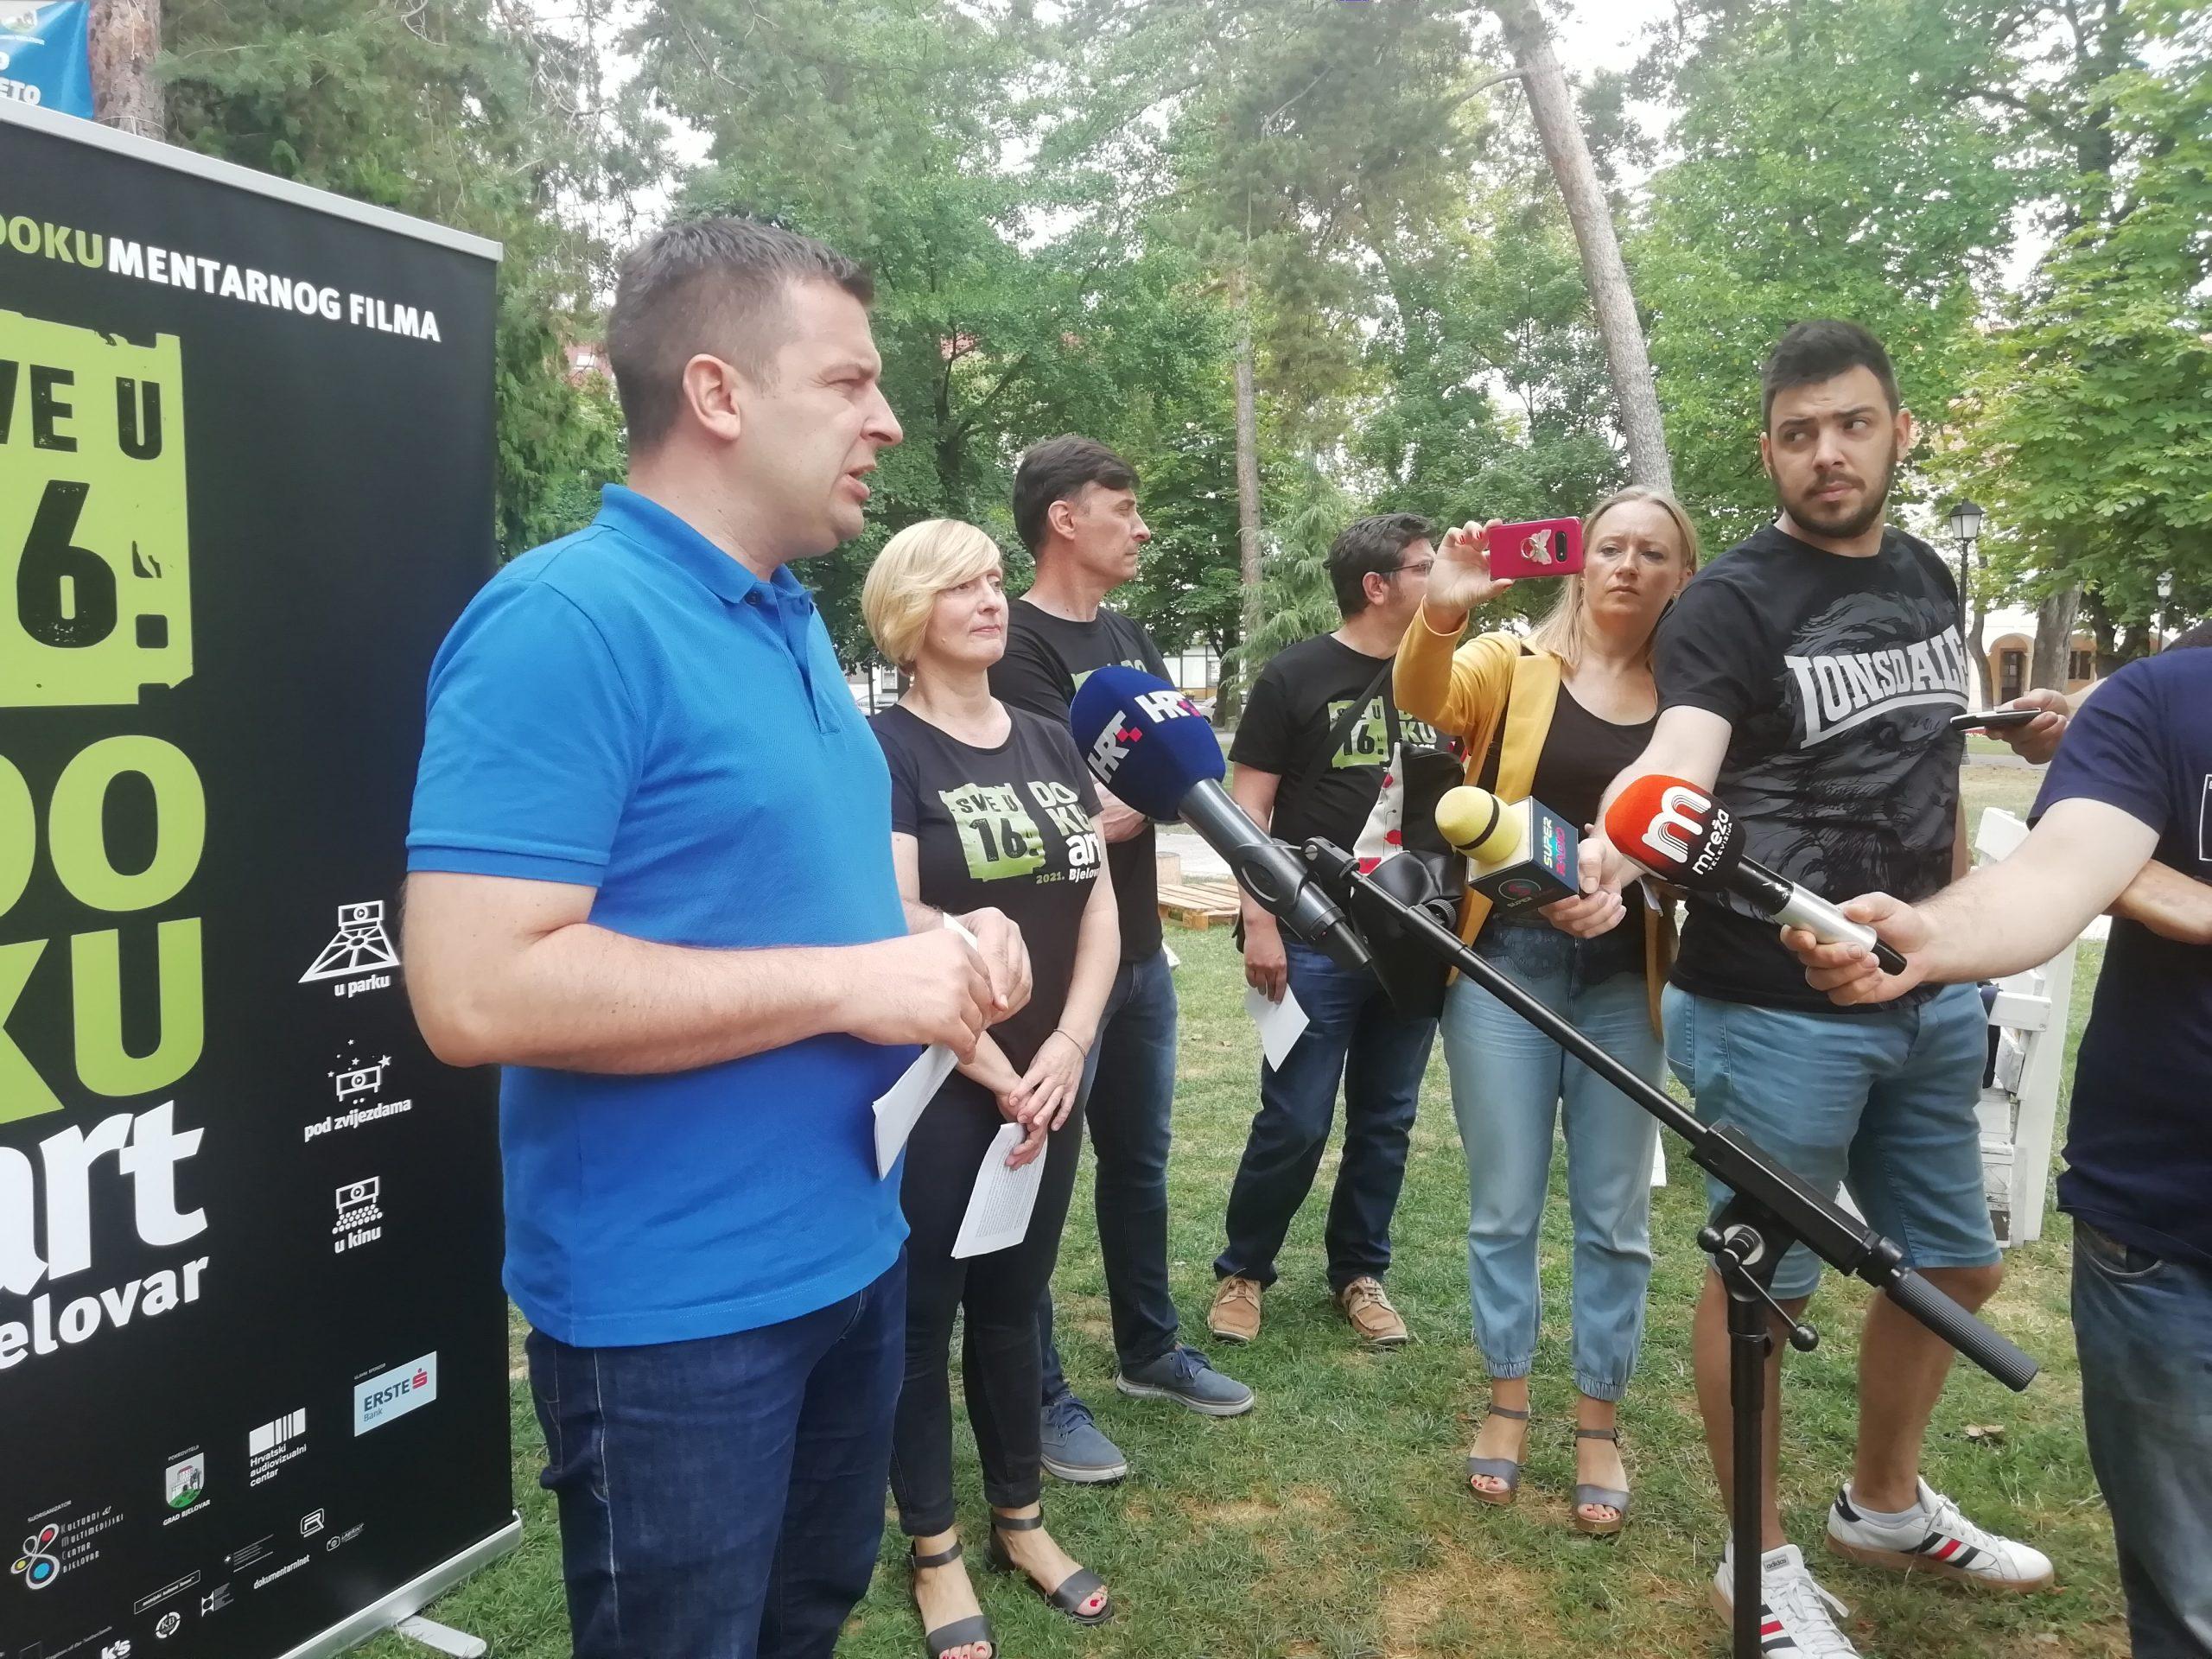 Prije glavnog festivala, DOKUart stiže u bjelovarski park